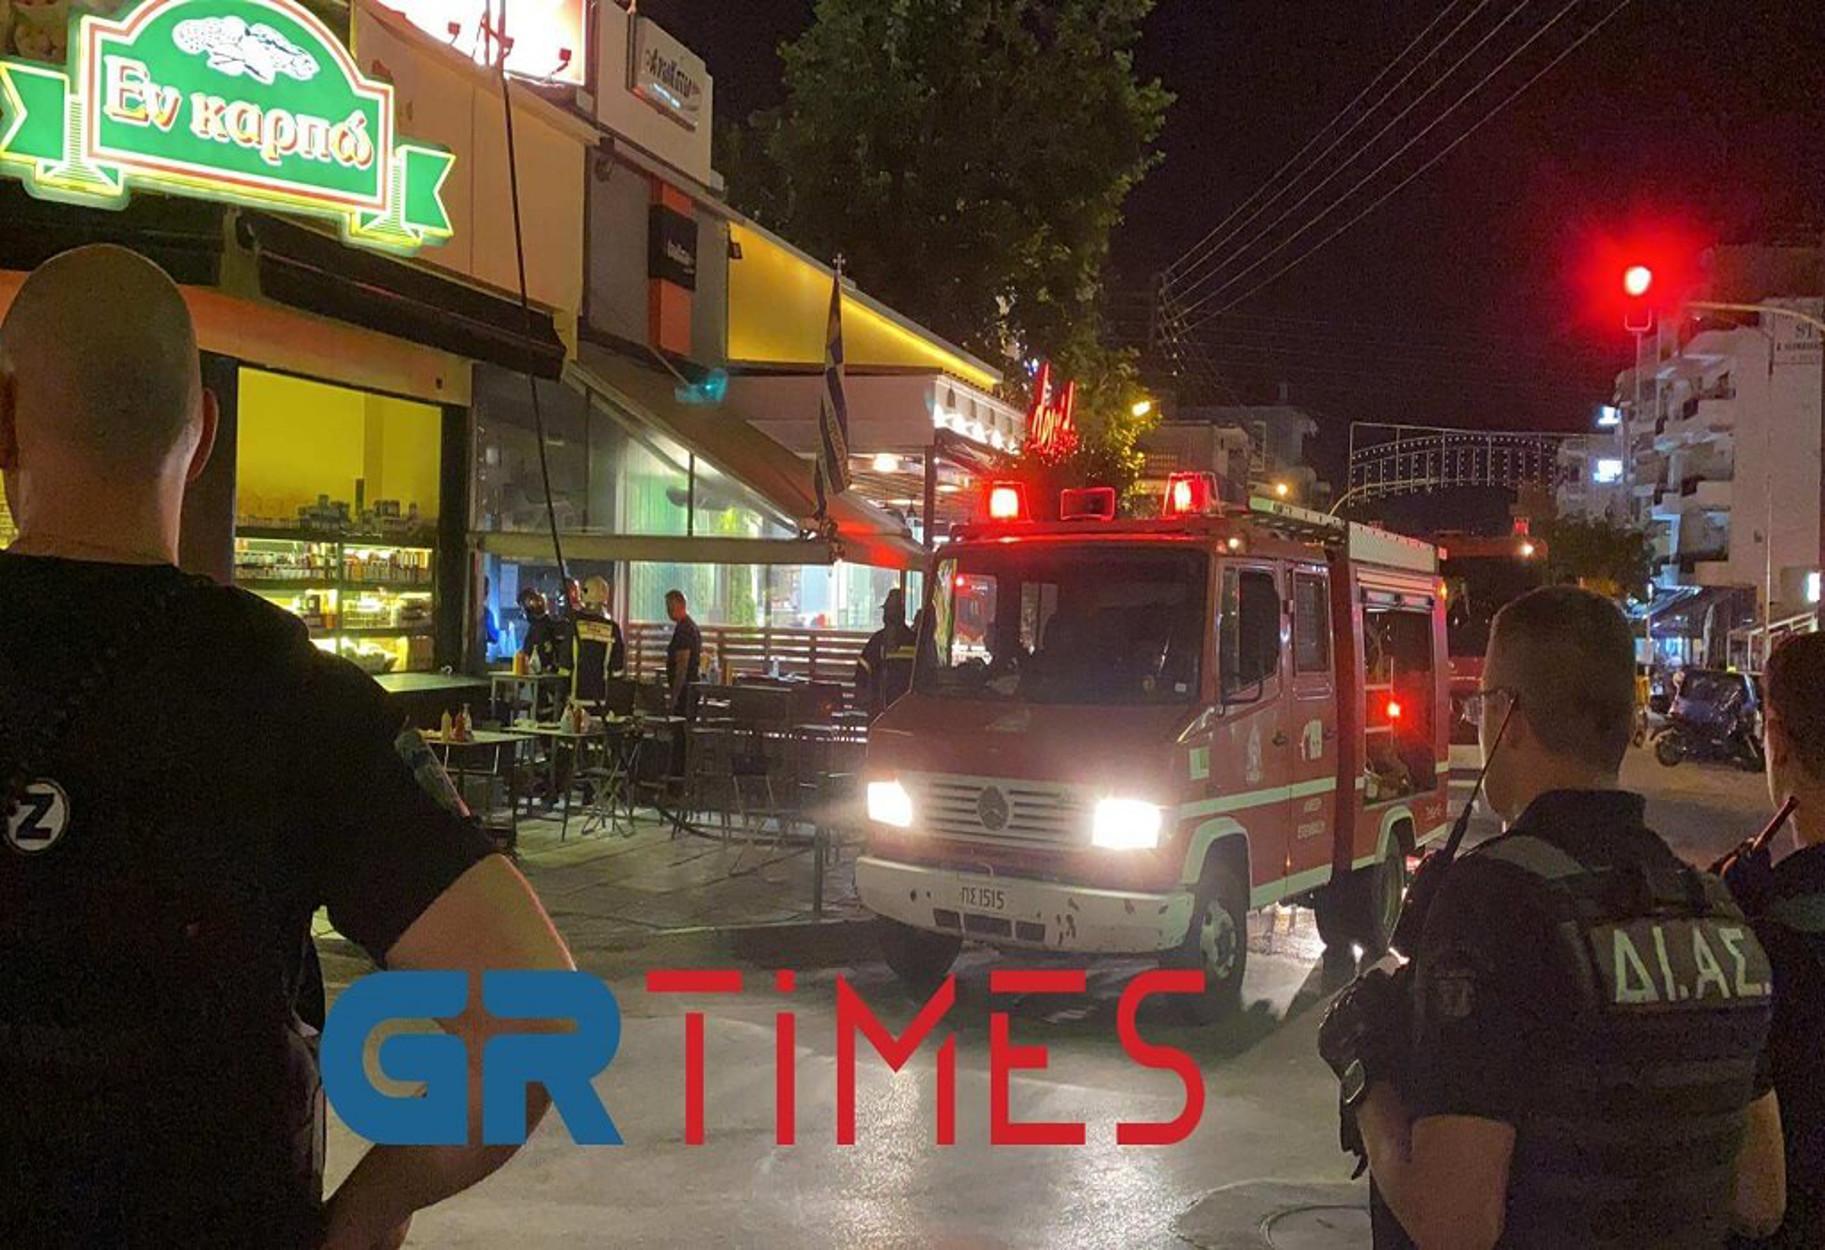 Θεσσαλονίκη: Φωτιά σε ψητοπωλείο – Κινδύνευσαν και άλλα μαγαζιά (pics, video)